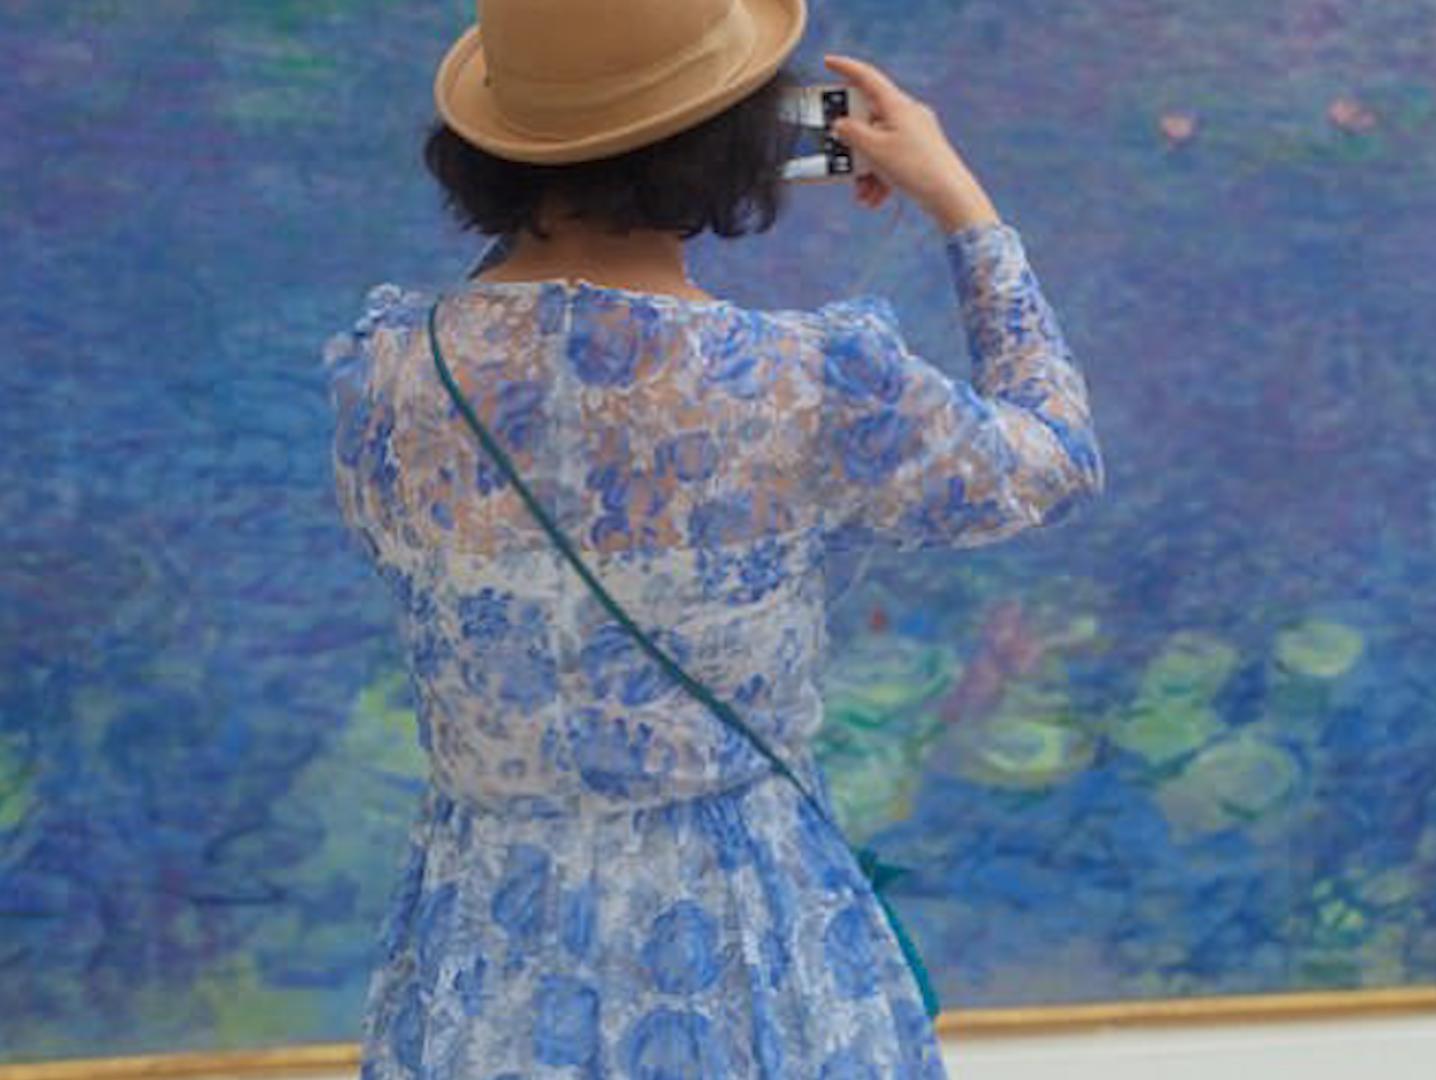 האמנות שתשכנע אתכם לשים לב מה אתם לובשים במוזיאונים